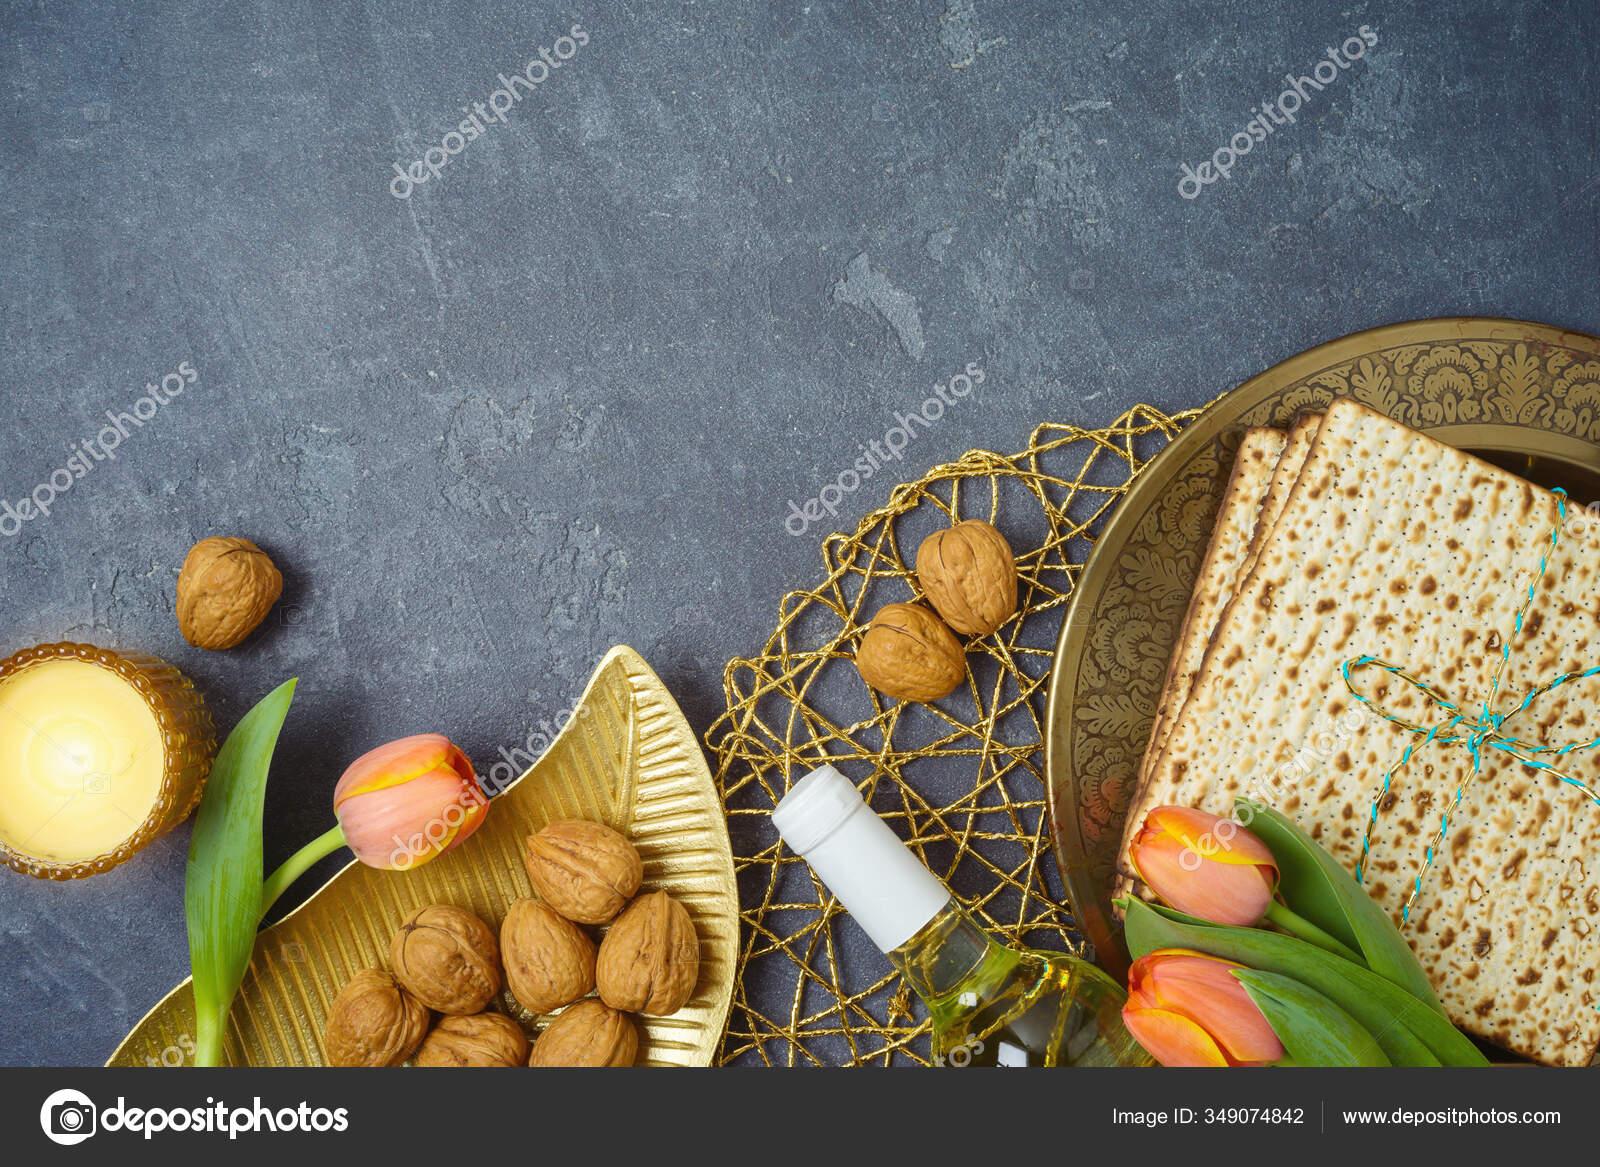 Jewish Holiday Passover Background Matzo Seder Plate Wine Tulip Flowers Stock Photo Maglara 349074842